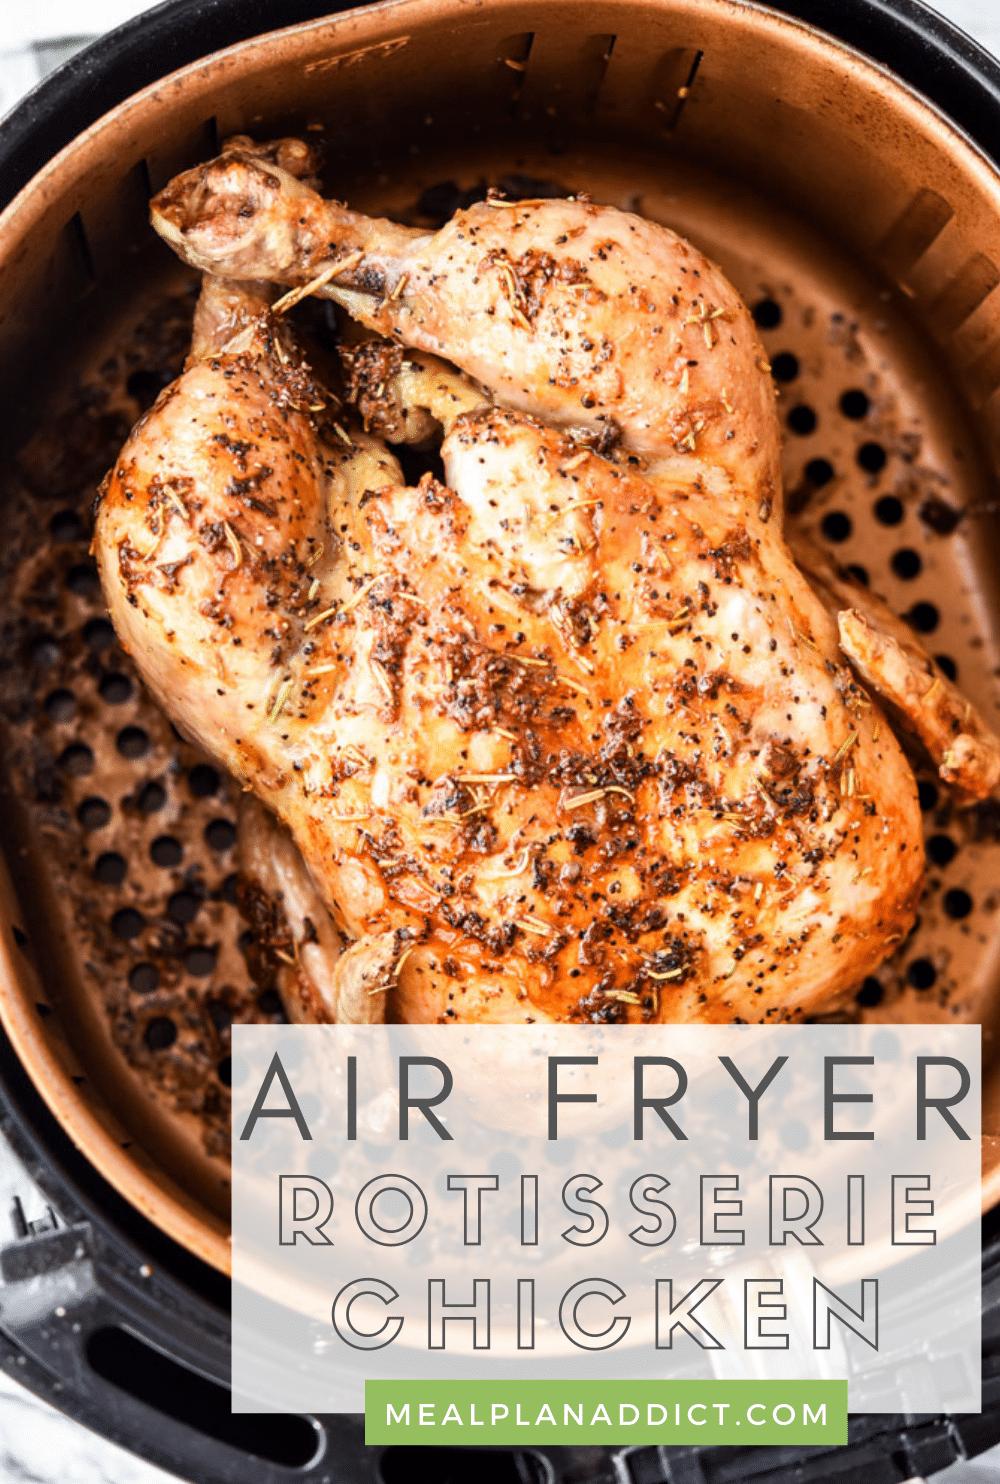 Rotisserie chicken pin for Pinterest